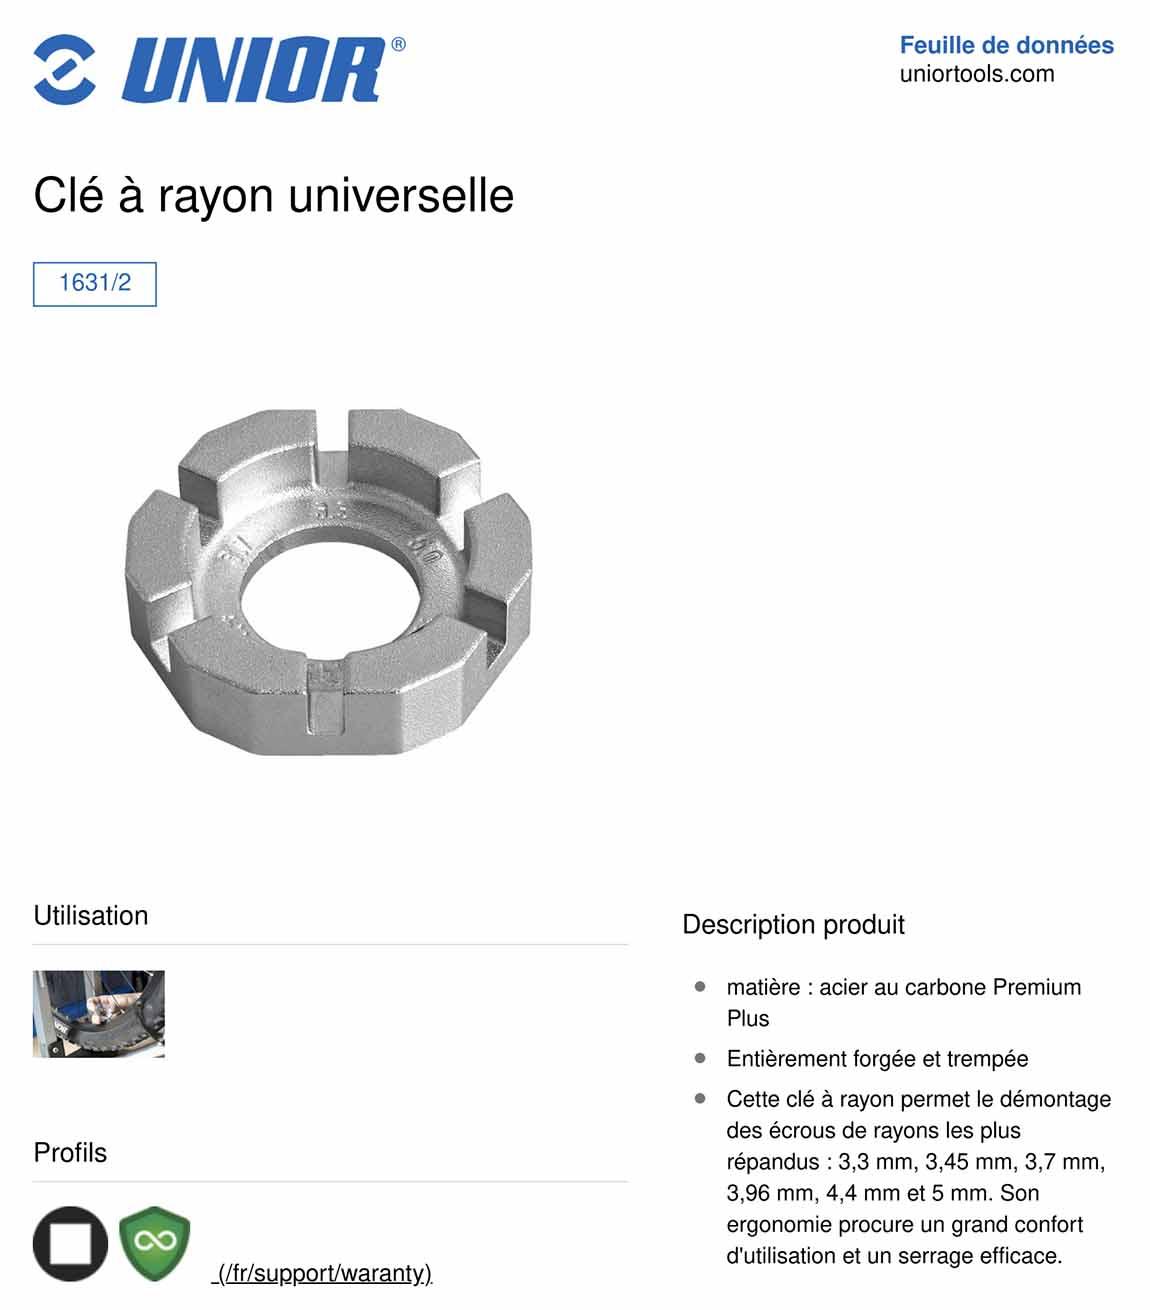 caractéristiques clé à rayon universelle Unior